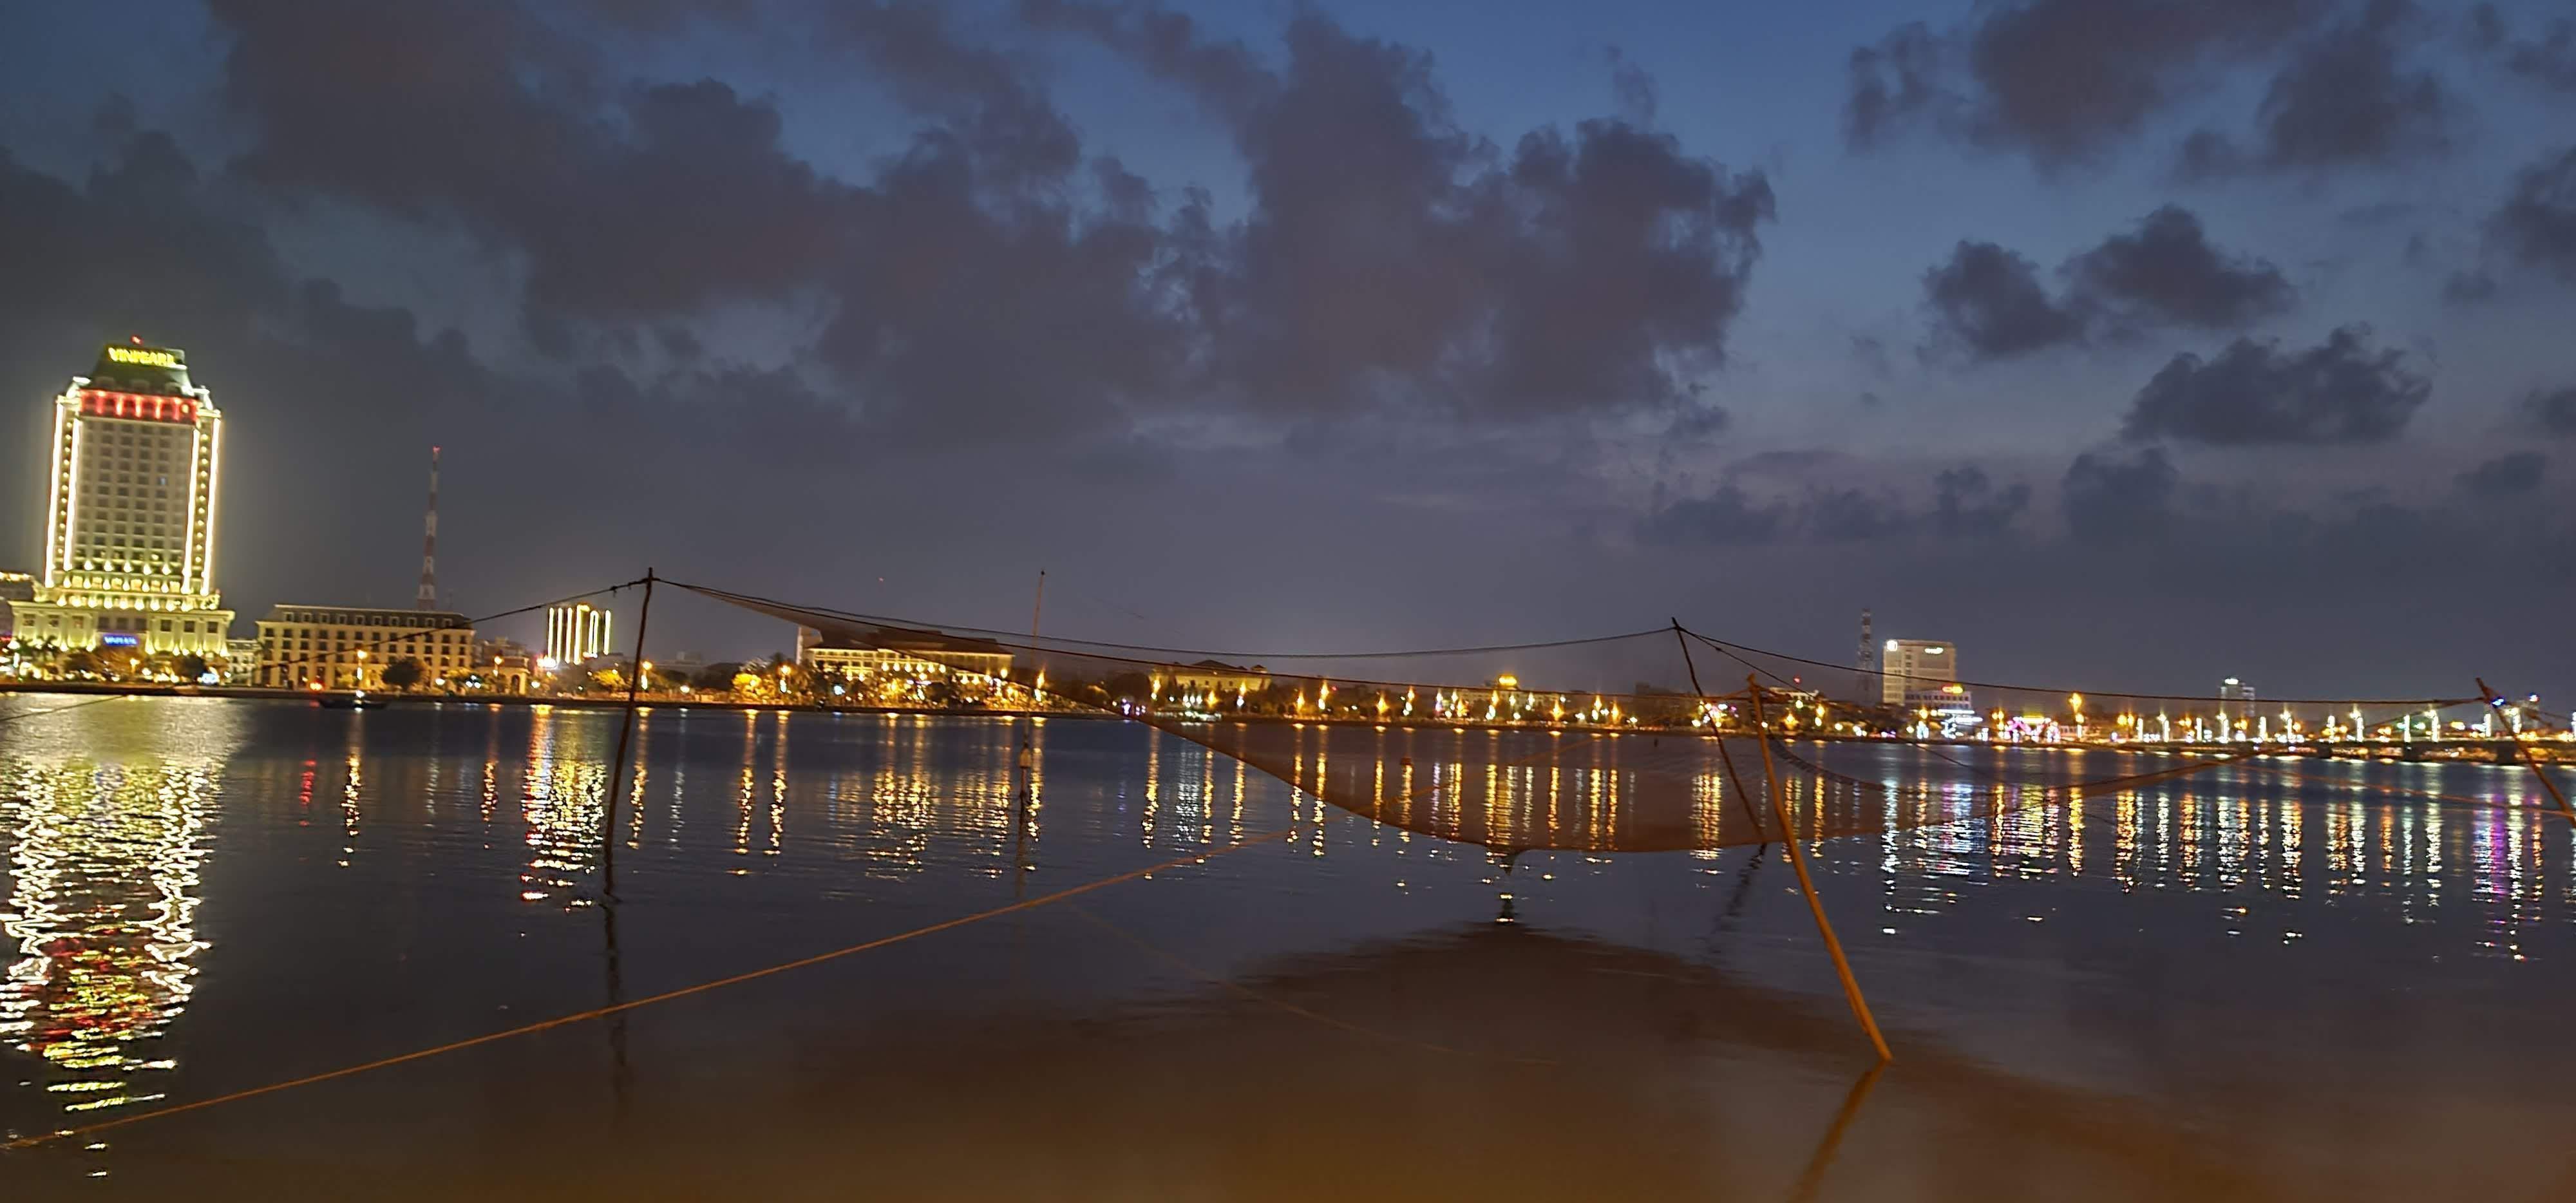 Đôi bờ sông Nhật Lệ bừng sáng sau khi được chỉnh trang Ảnh 17